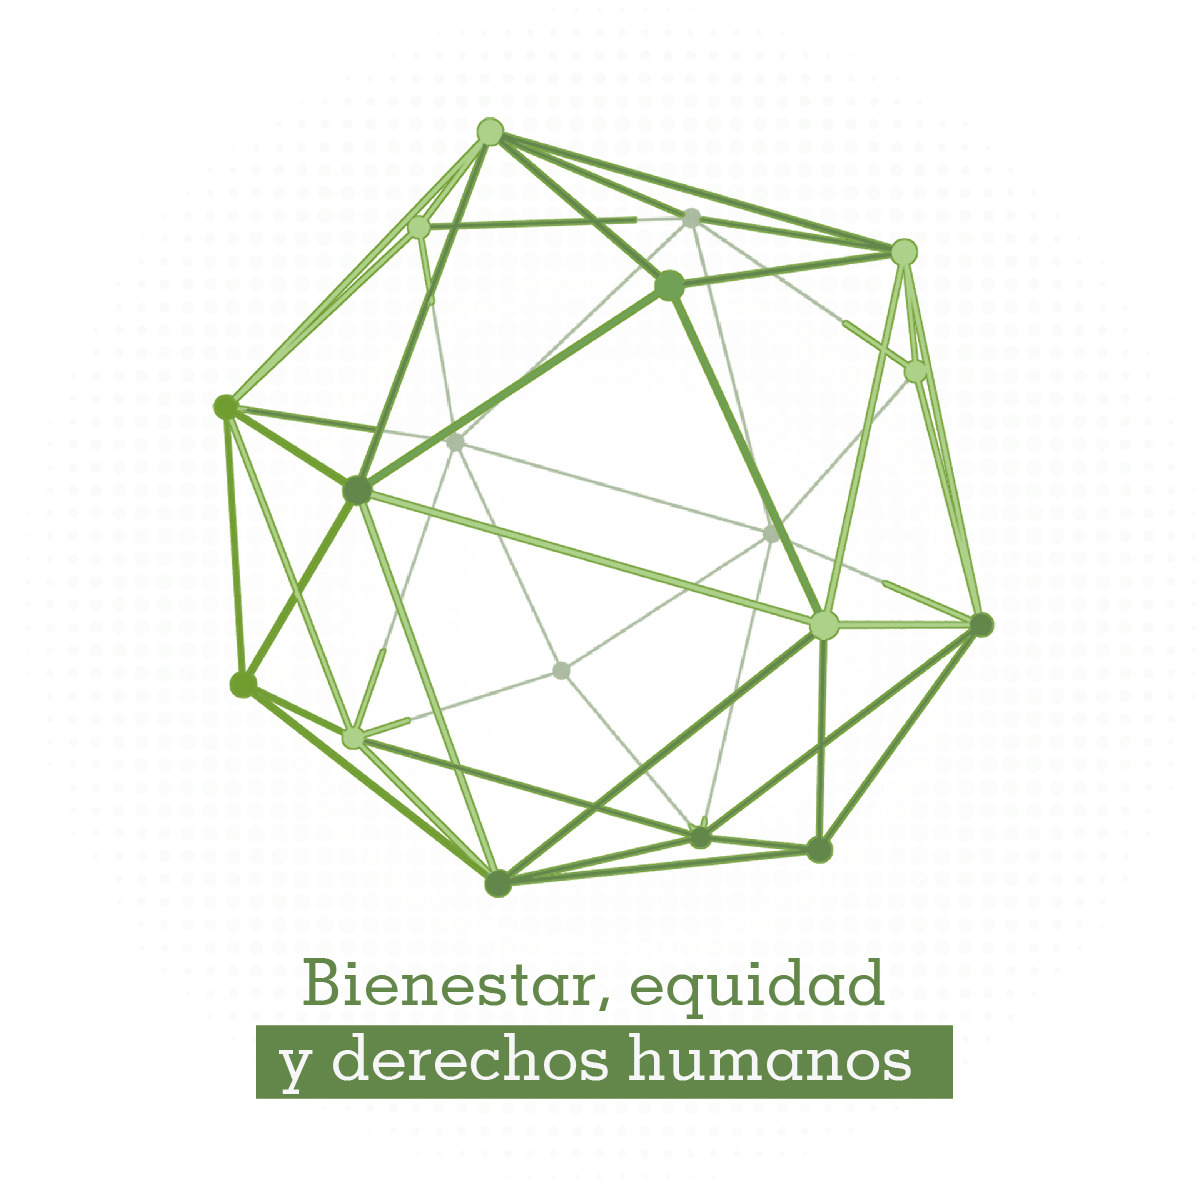 Bienestar, equidad y derechos humanos course image